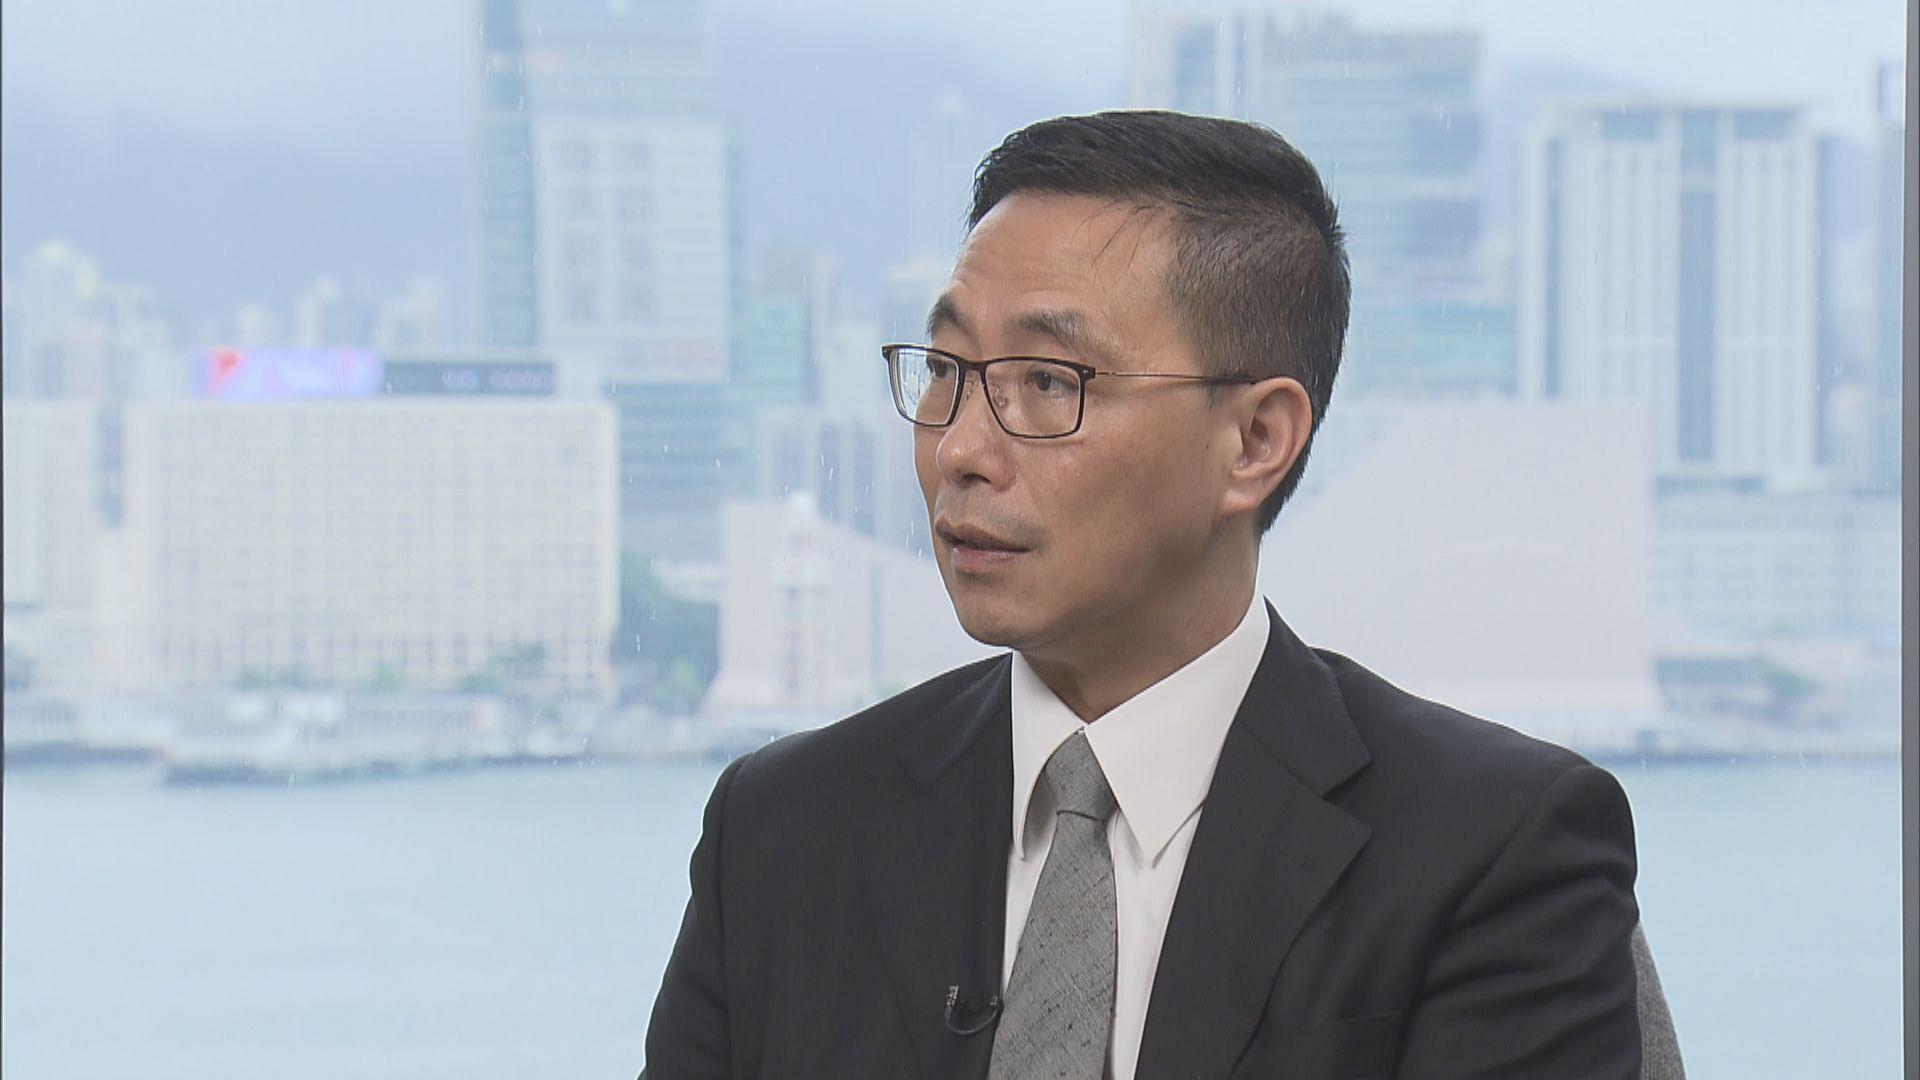 楊潤雄:鼓勵學校不單以成績評估學生